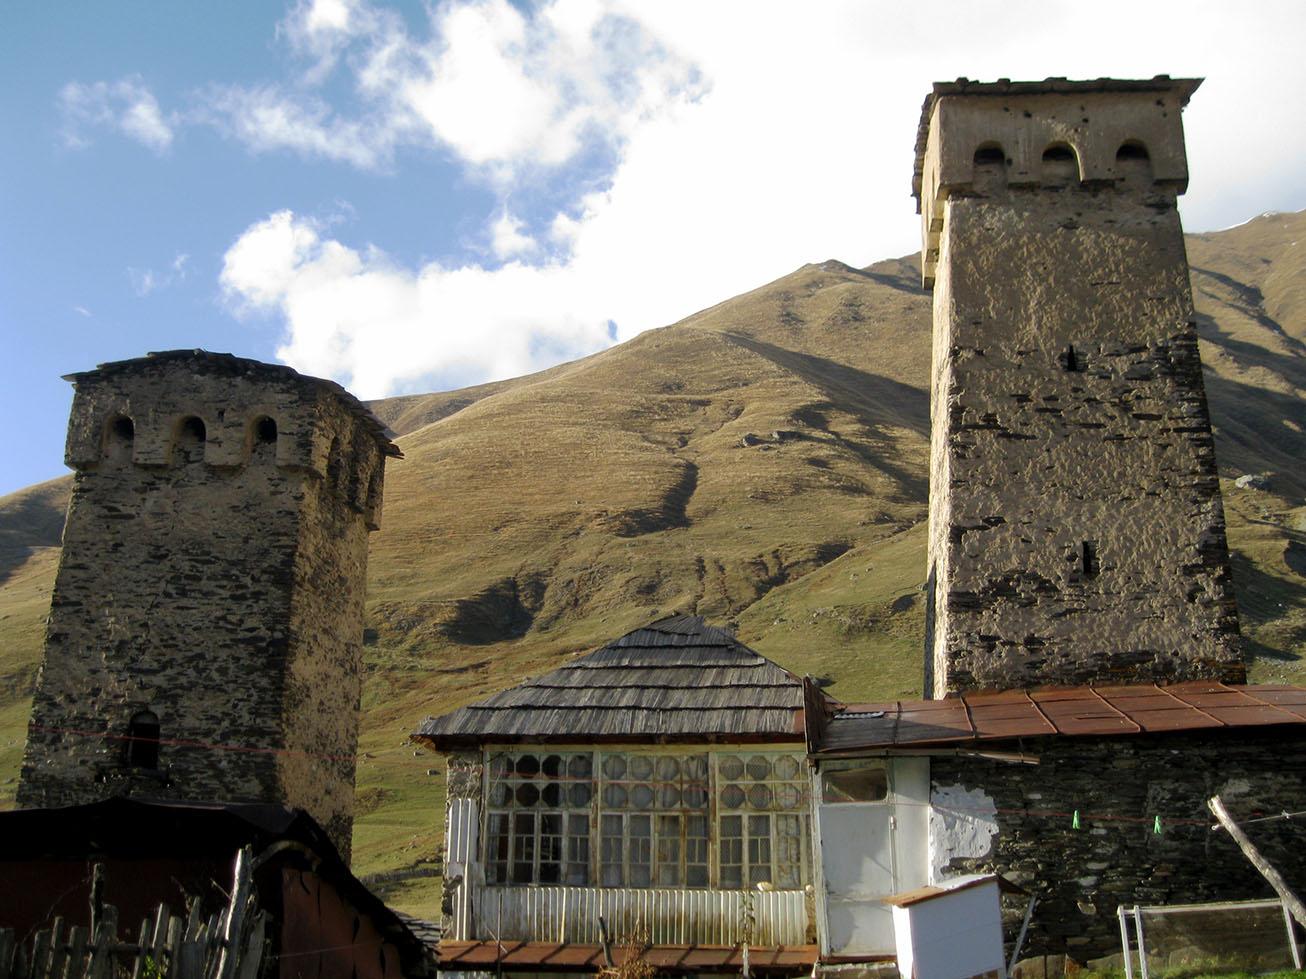 House in Ushguli